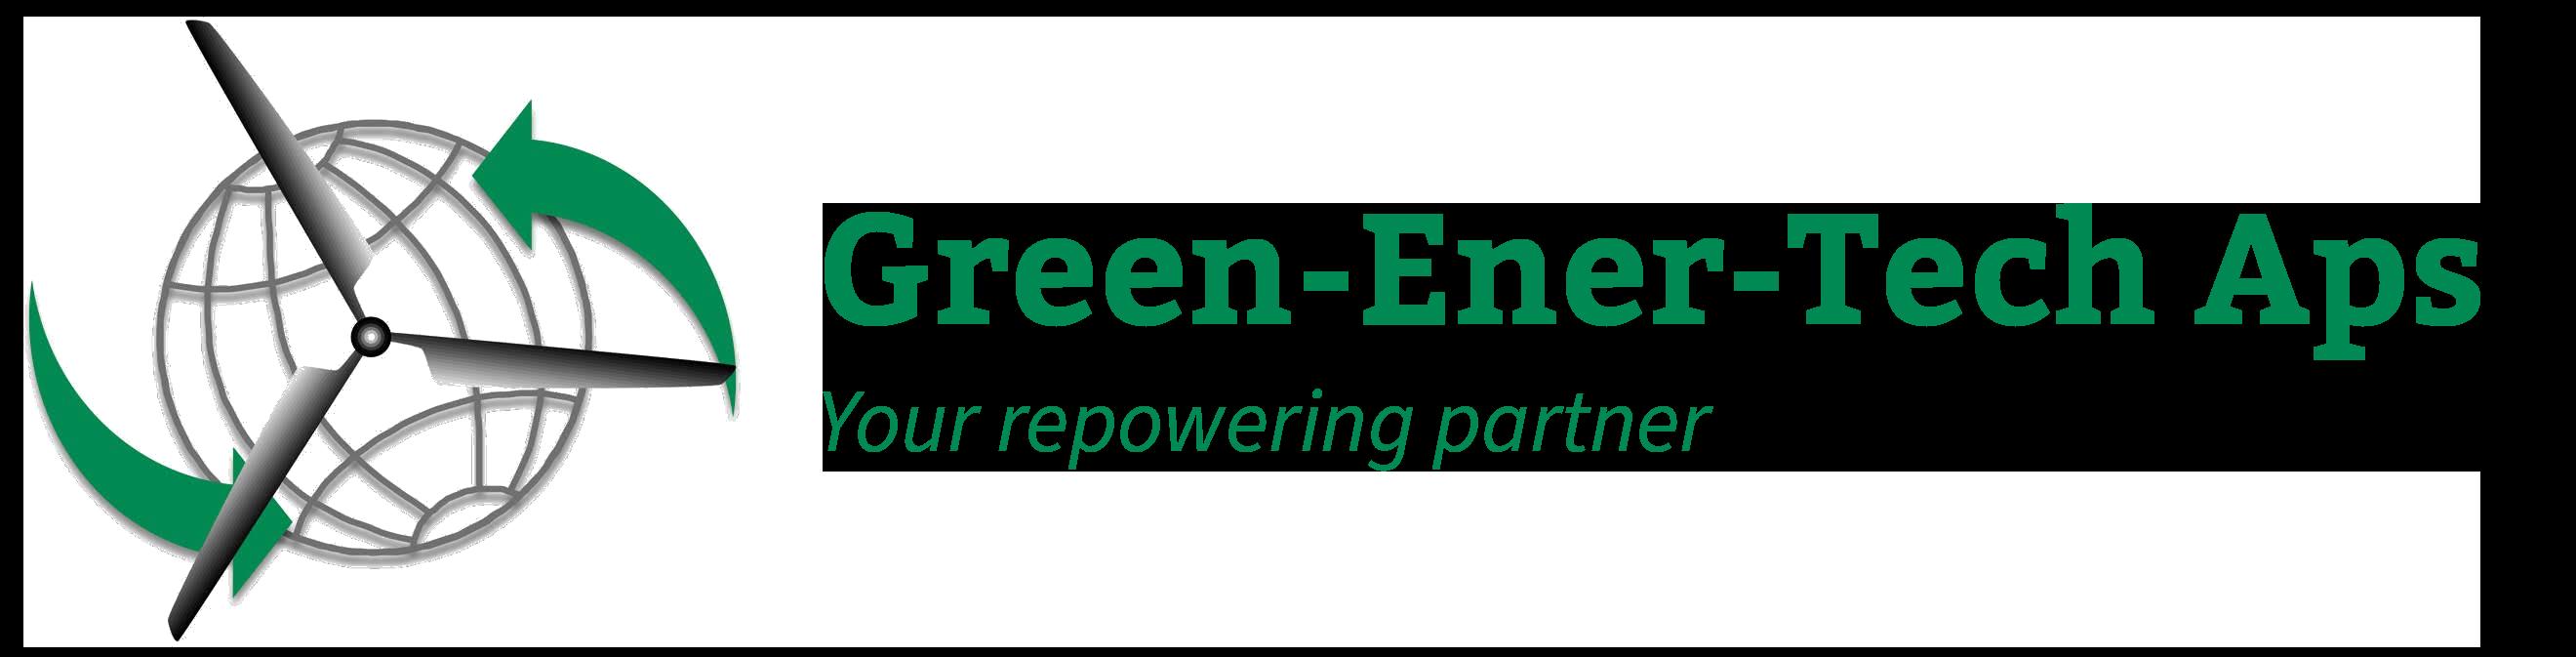 Green-Ener-Tech ApS